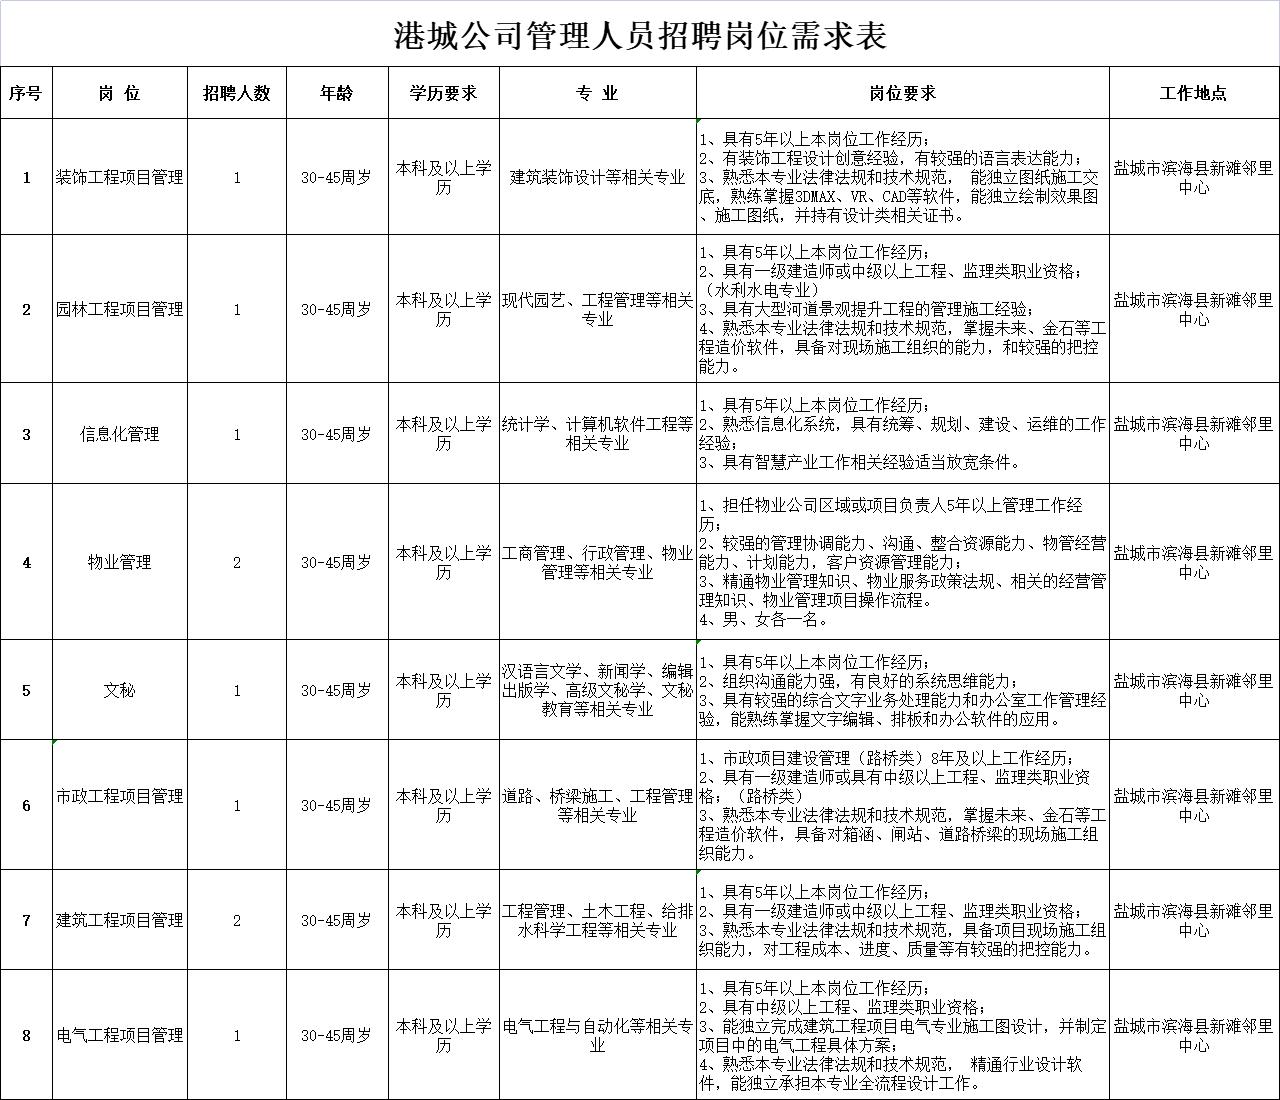 盐城市海兴港城开发有限公司招聘管理人员10名